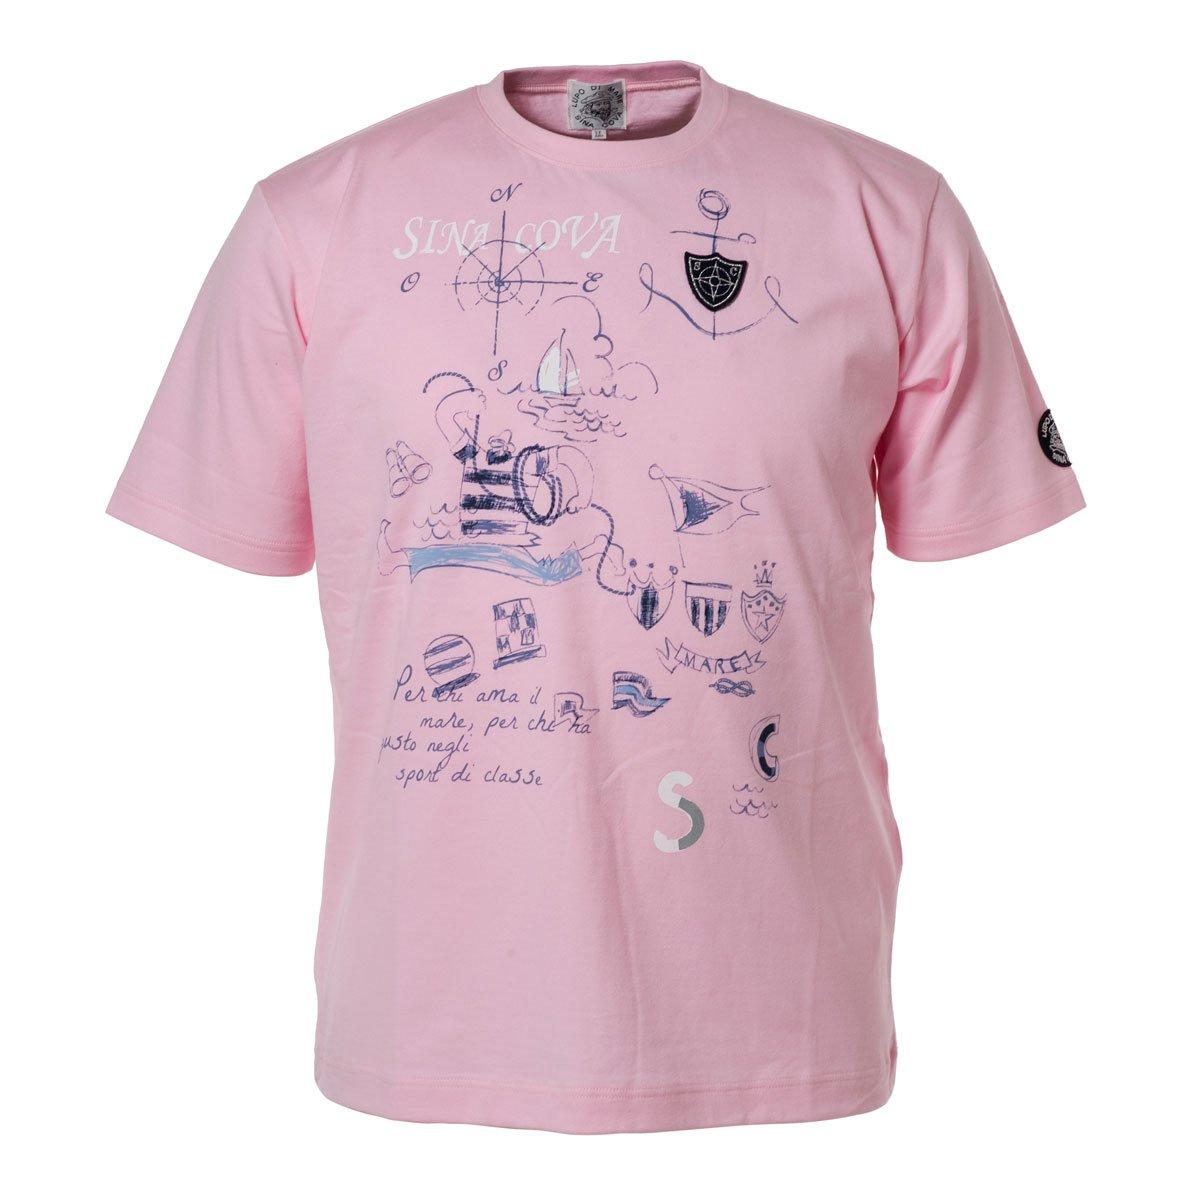 (シナコバ) SINA COVA Tシャツ B07CGYHYKK LL|パウダーピンク パウダーピンク LL